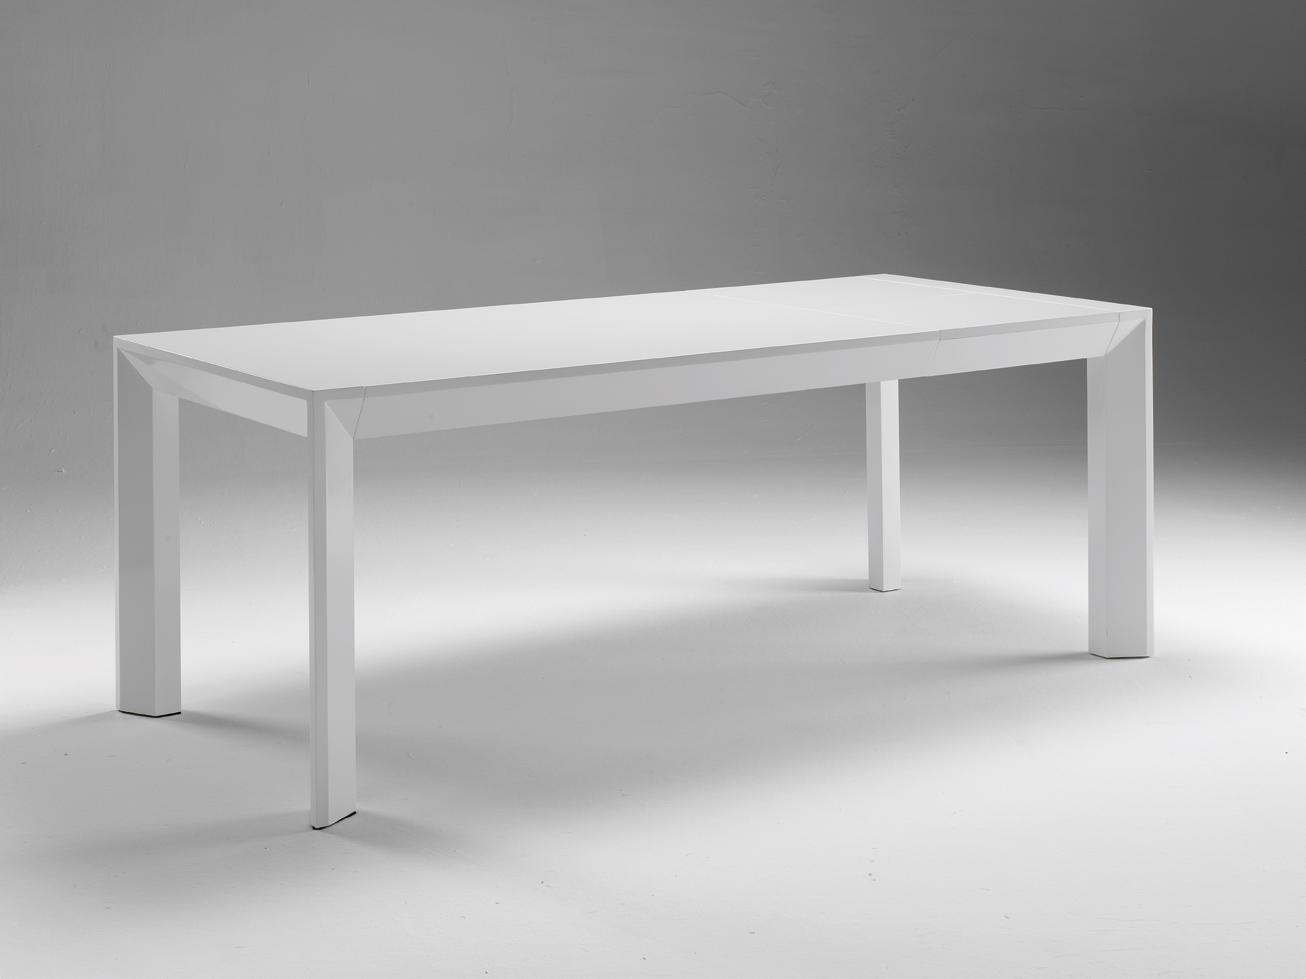 Mesa de comedor lacada blanca o negra mesas de comedor for Mesa comedor ovalada blanca